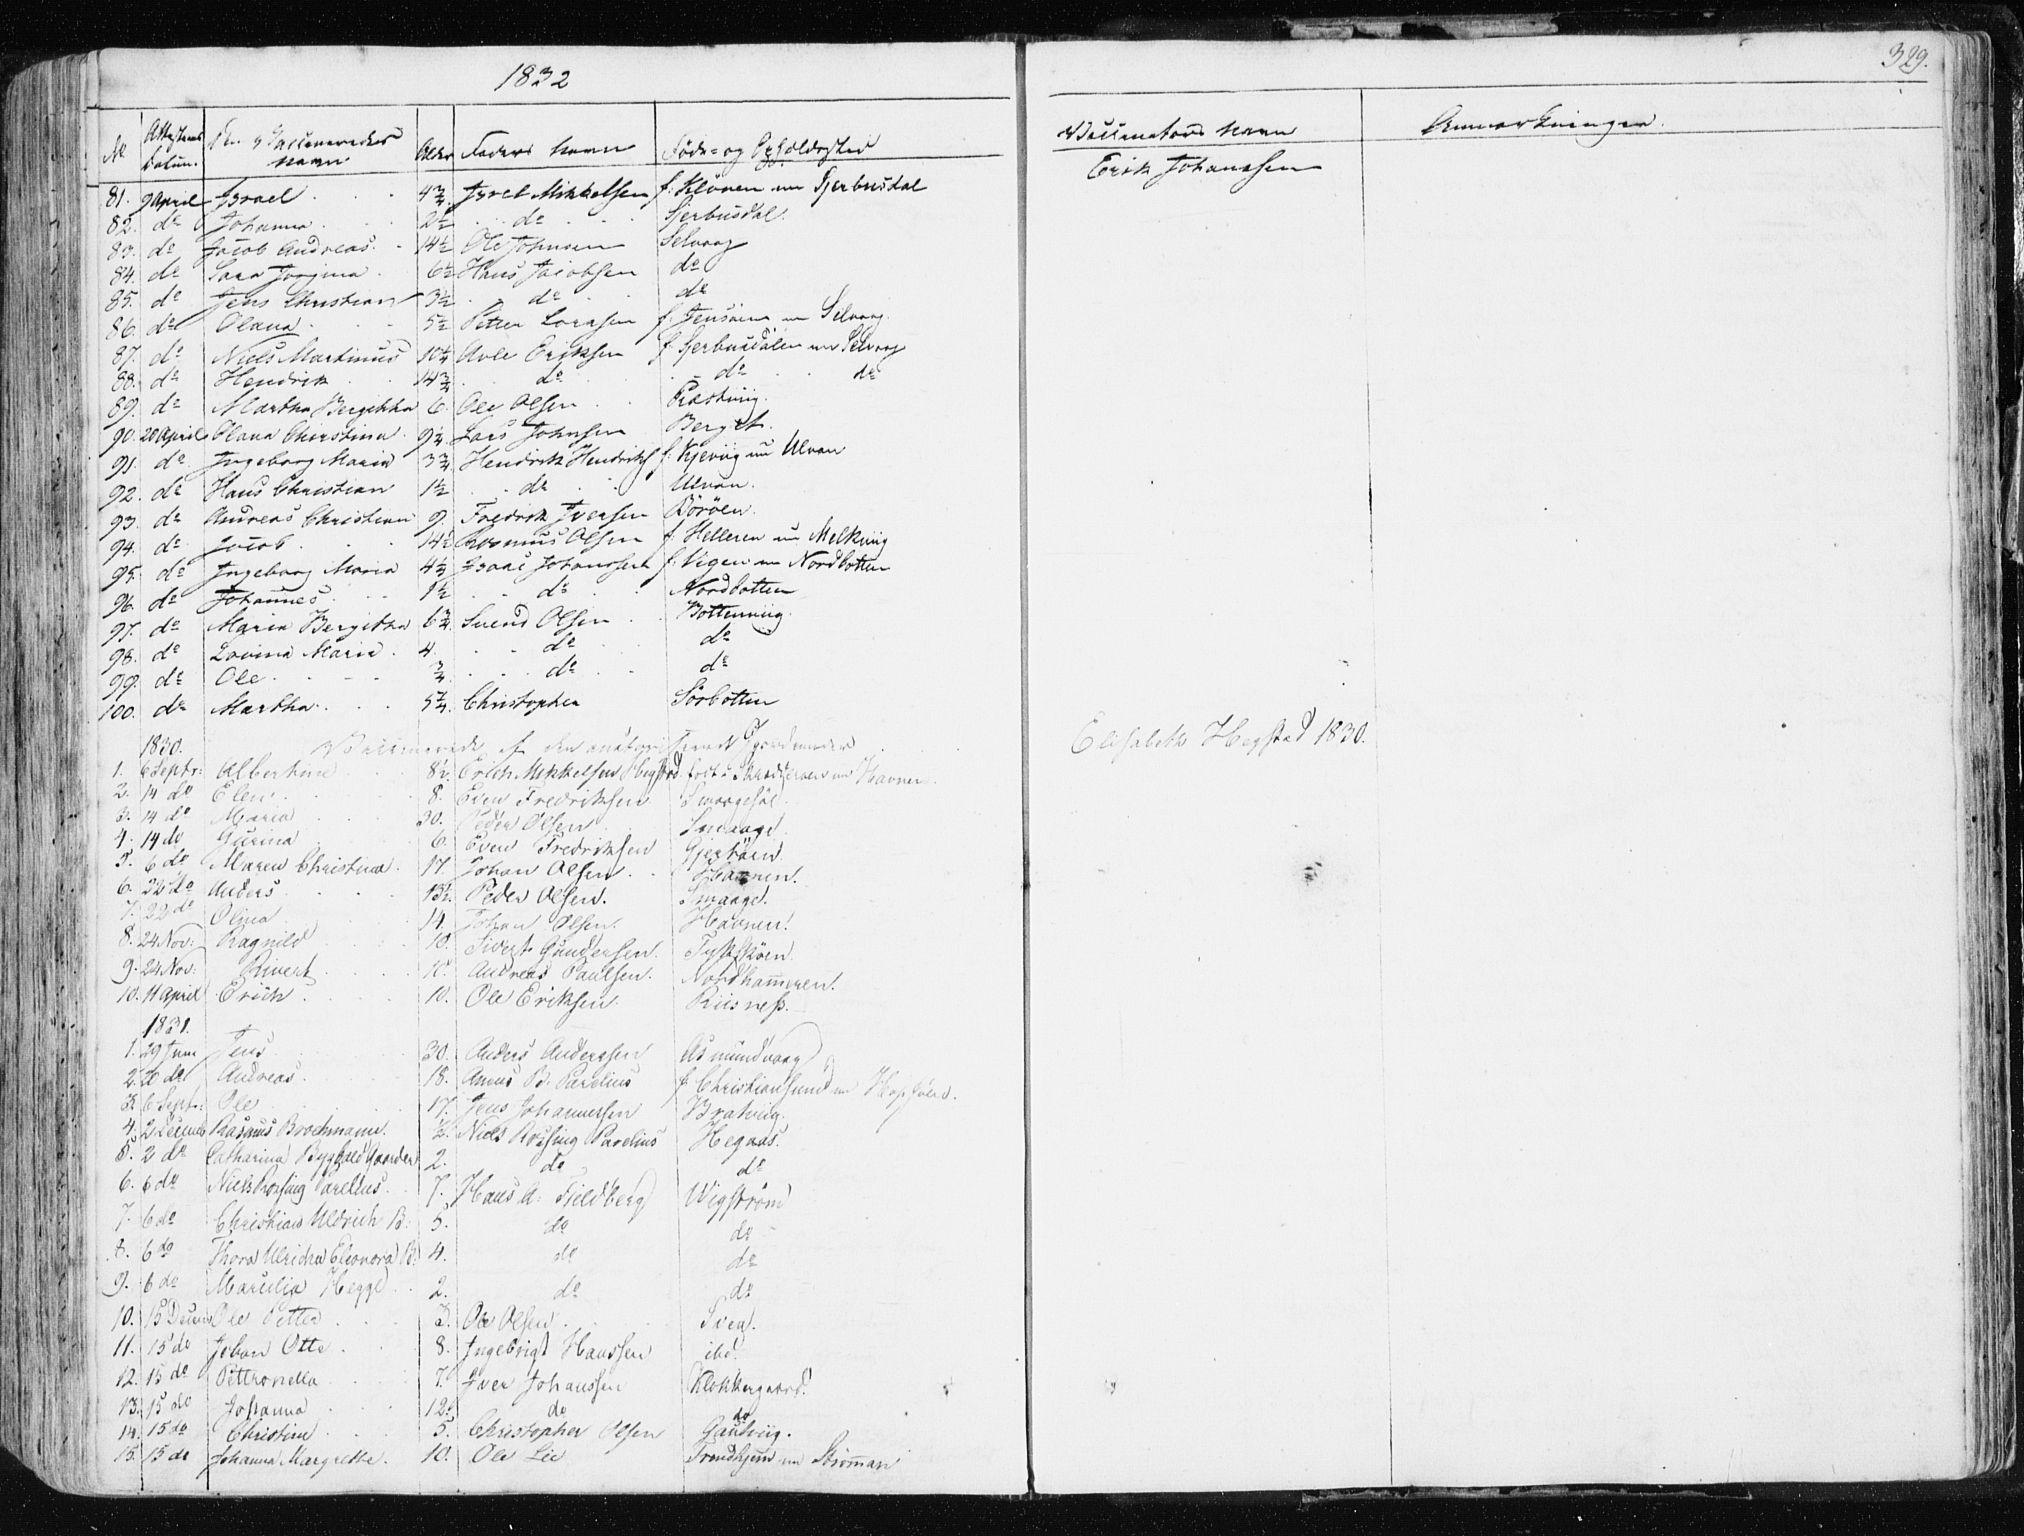 SAT, Ministerialprotokoller, klokkerbøker og fødselsregistre - Sør-Trøndelag, 634/L0528: Ministerialbok nr. 634A04, 1827-1842, s. 329